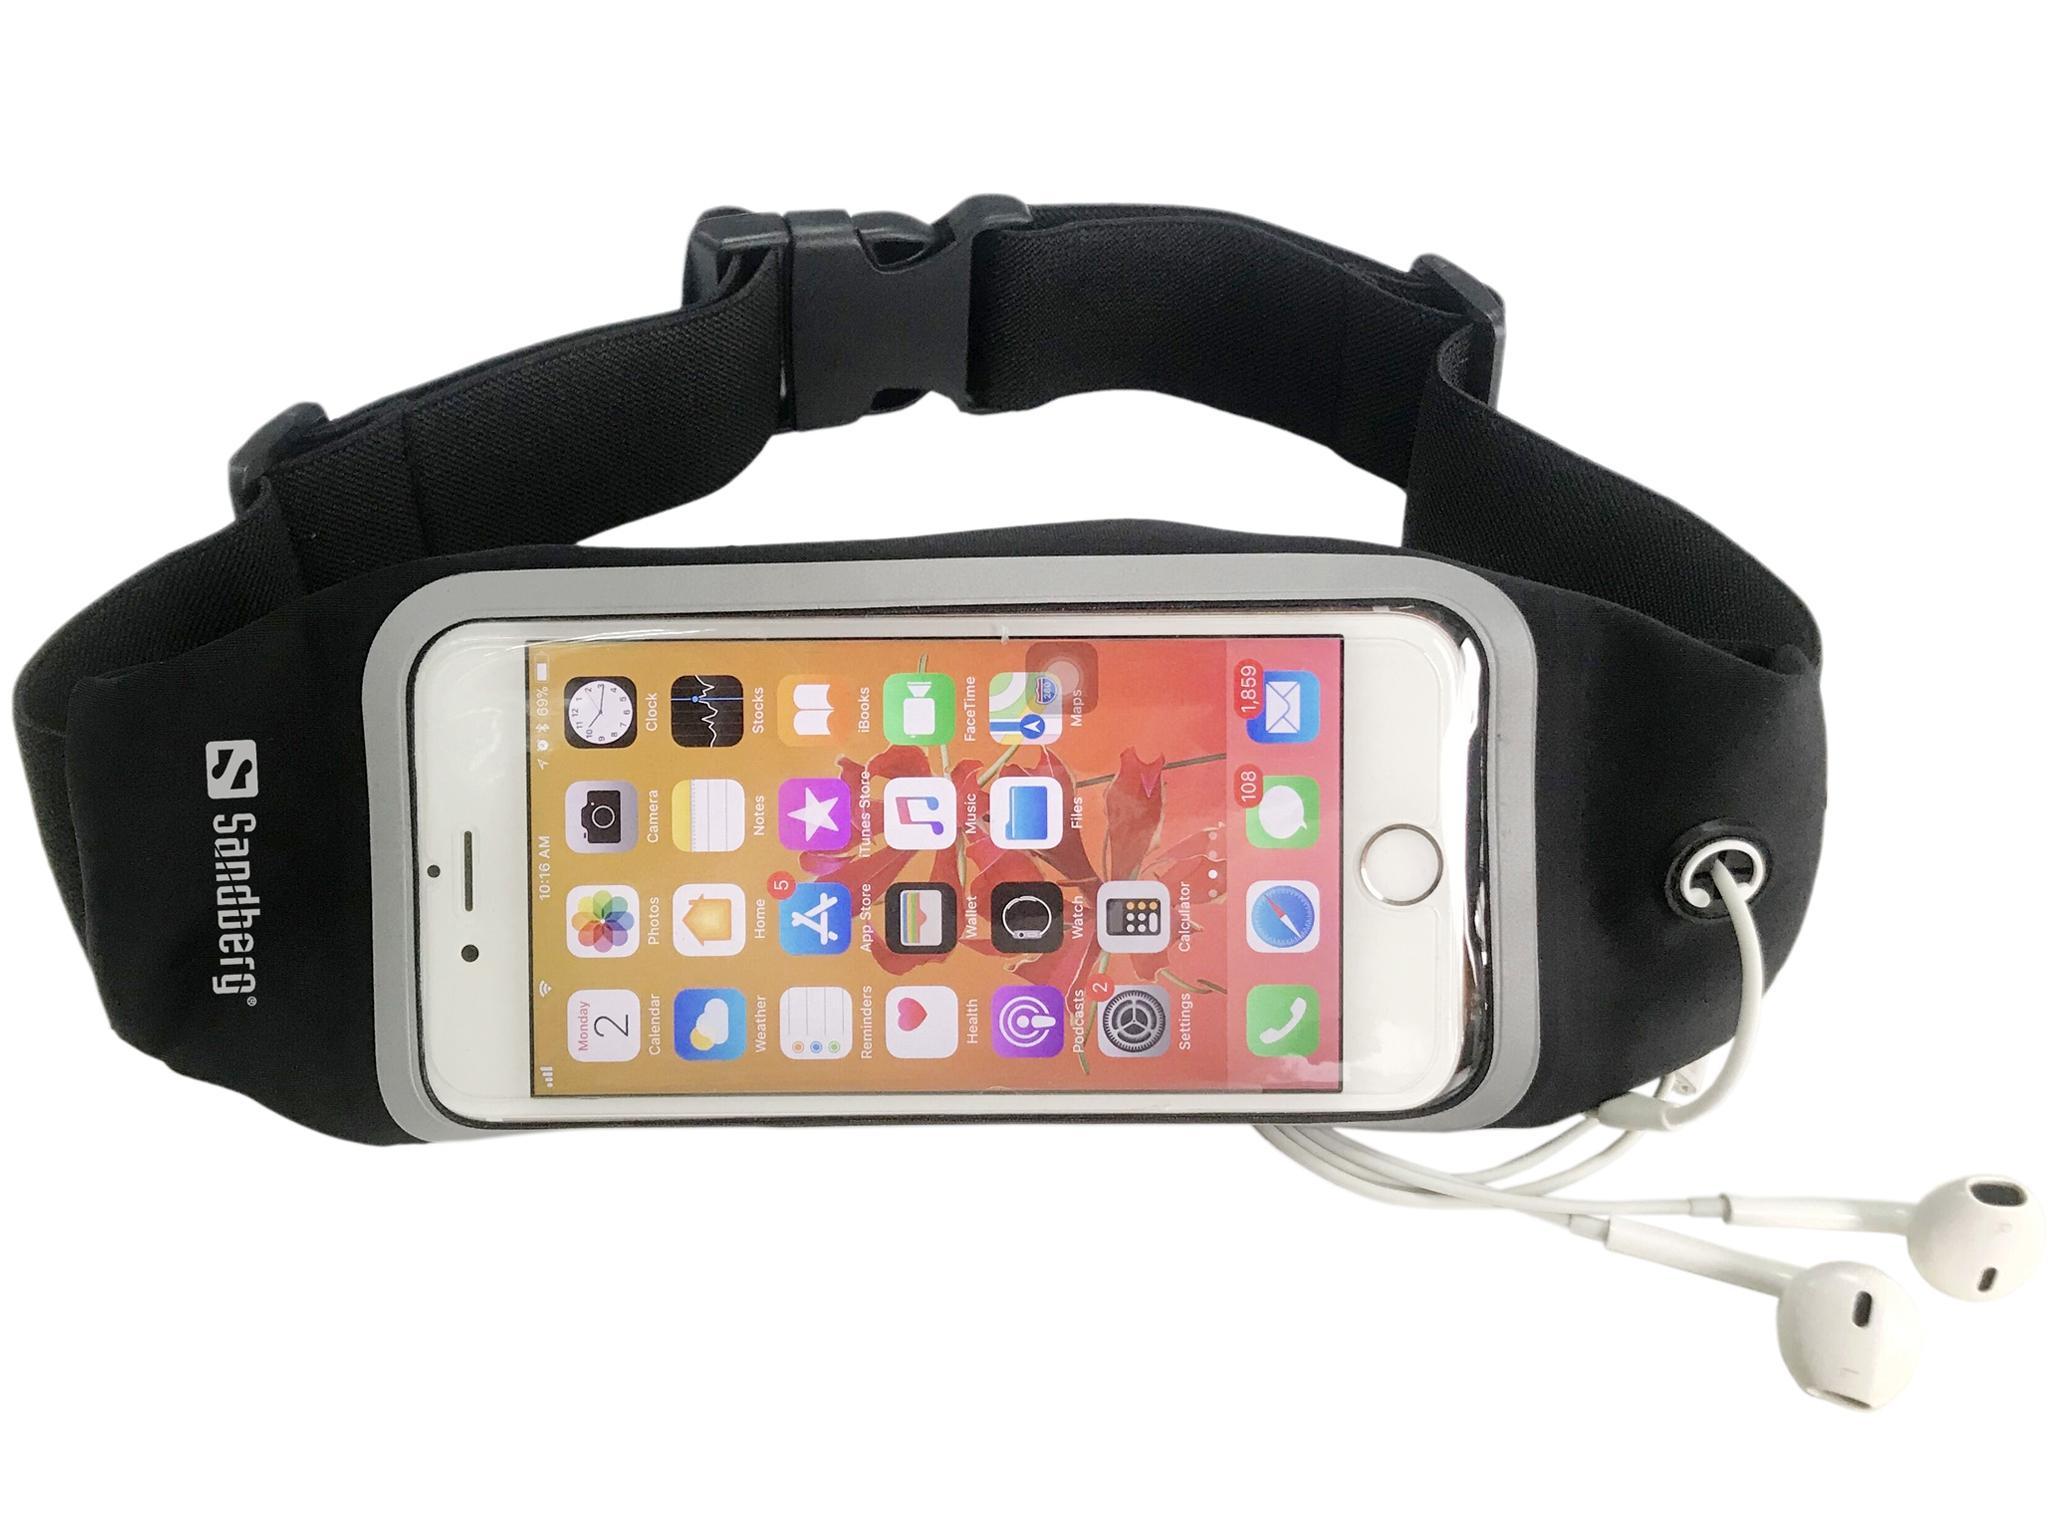 Sandberg športna torbica za telefon do 4,7